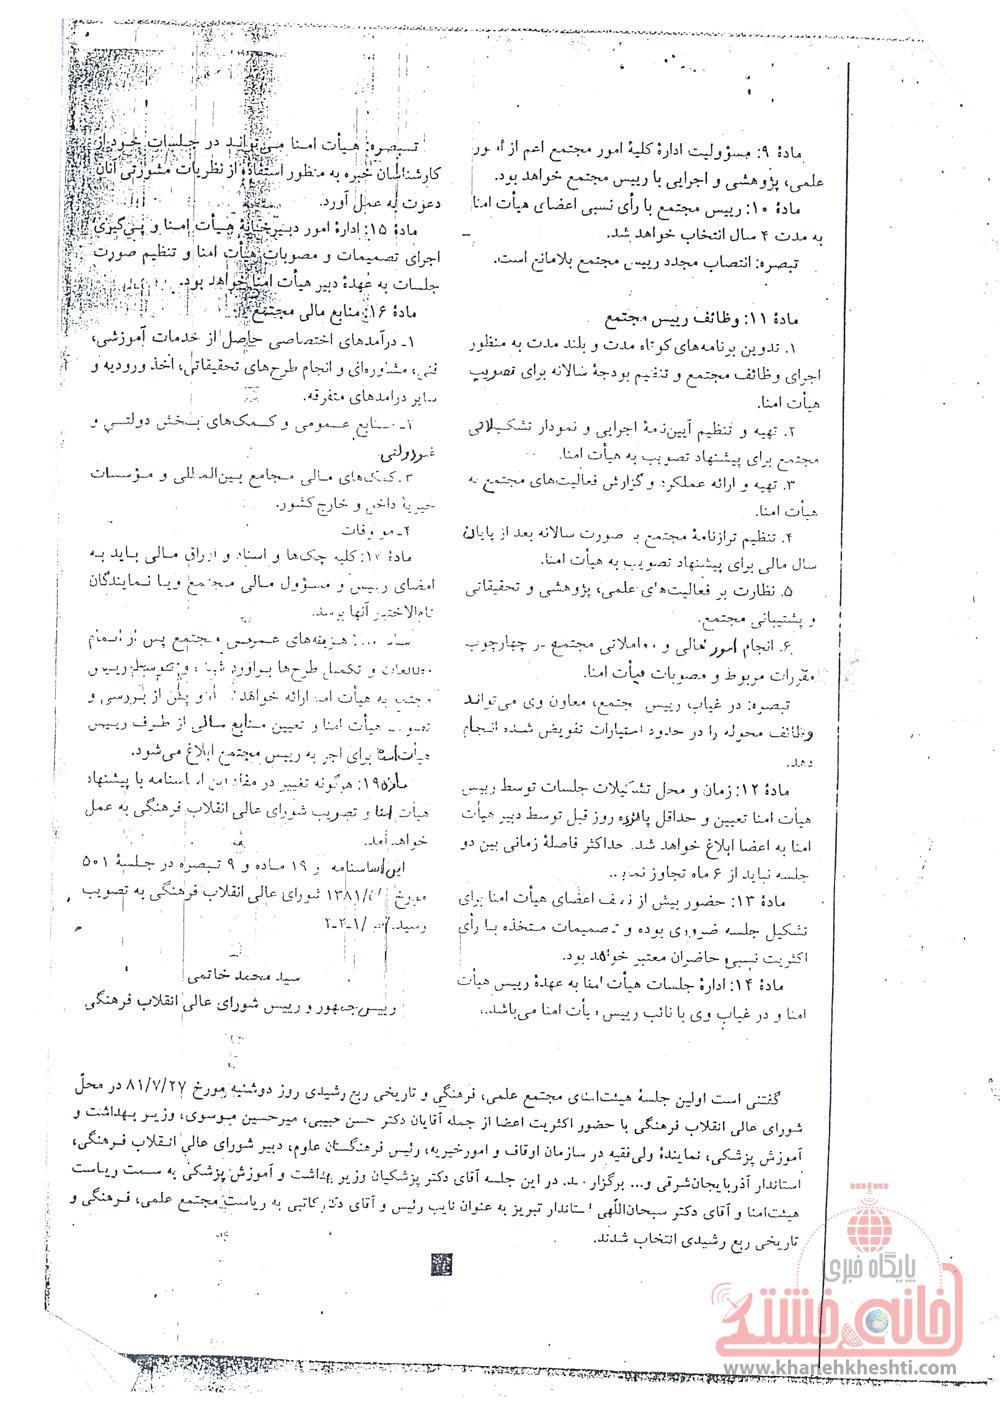 اساسنامه موقوفه ربع رشیدی مصوب شورای عالی انقلاب فرهنگی در تاریخ 851381 (2)